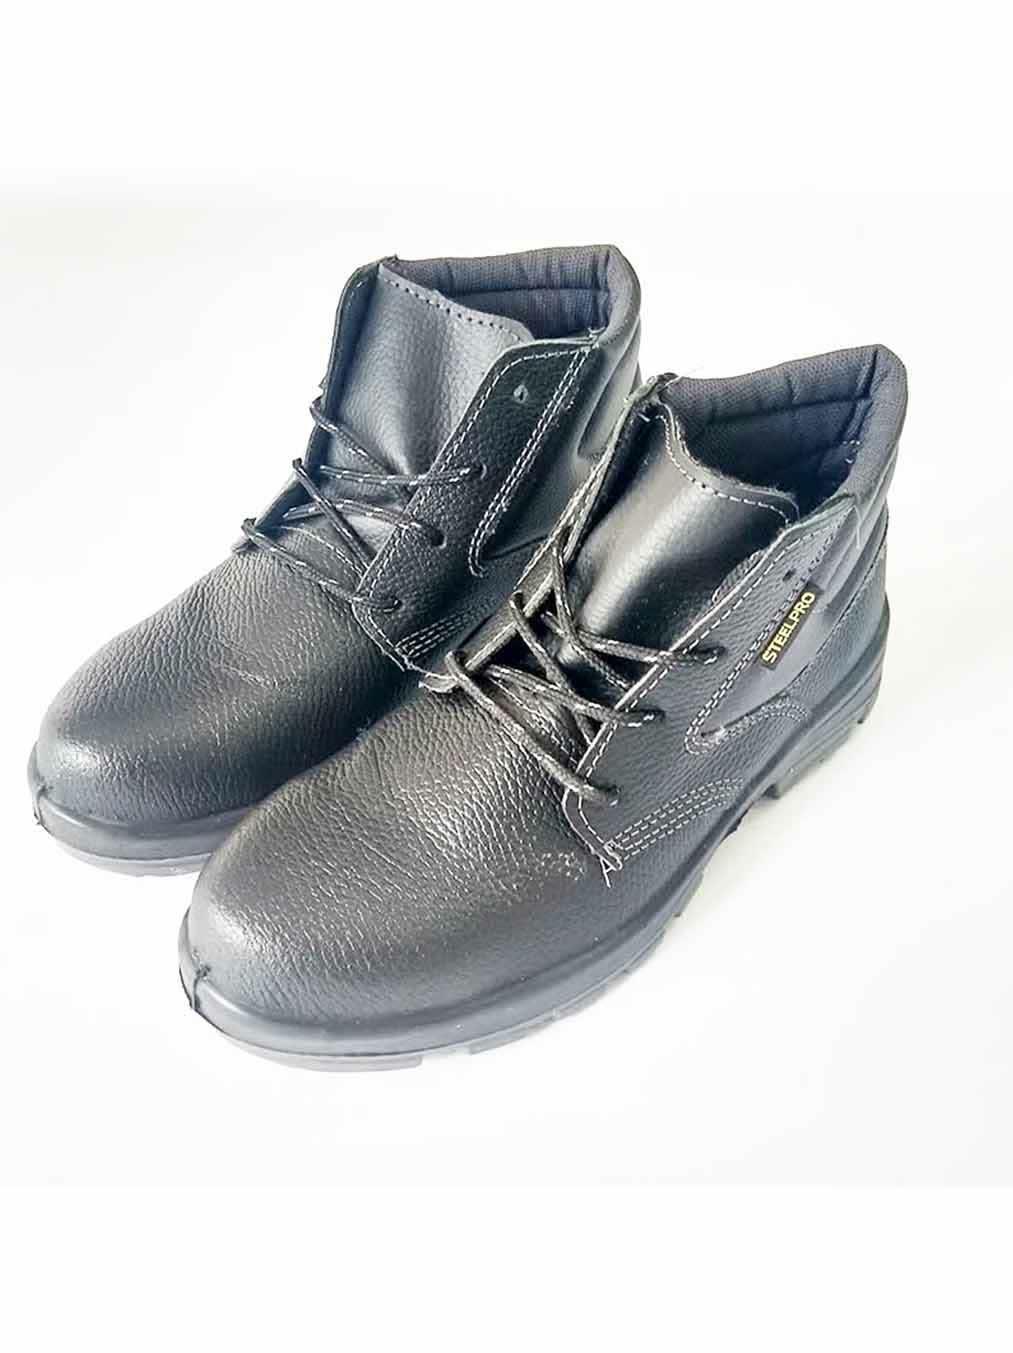 botas de punta de acero